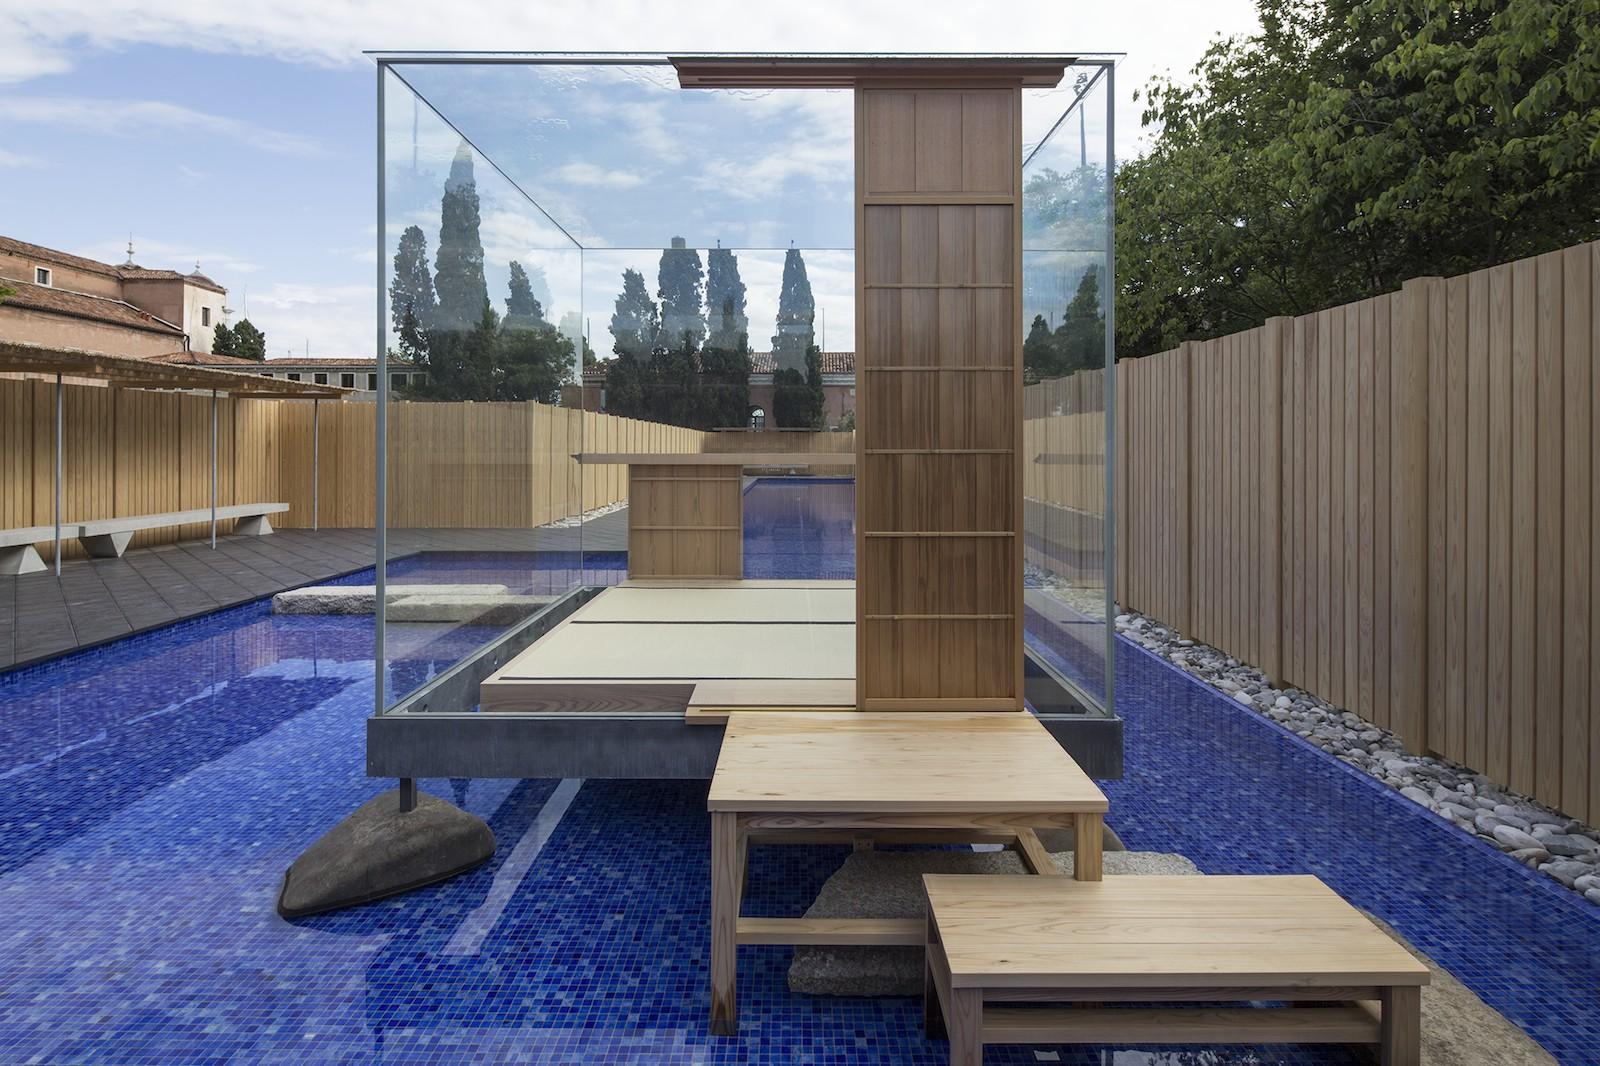 The Glass Tea House U0026ldquo;Mondrianu0026rdquo; U0026copy; Hiroshi Sugimoto + New  Material Research